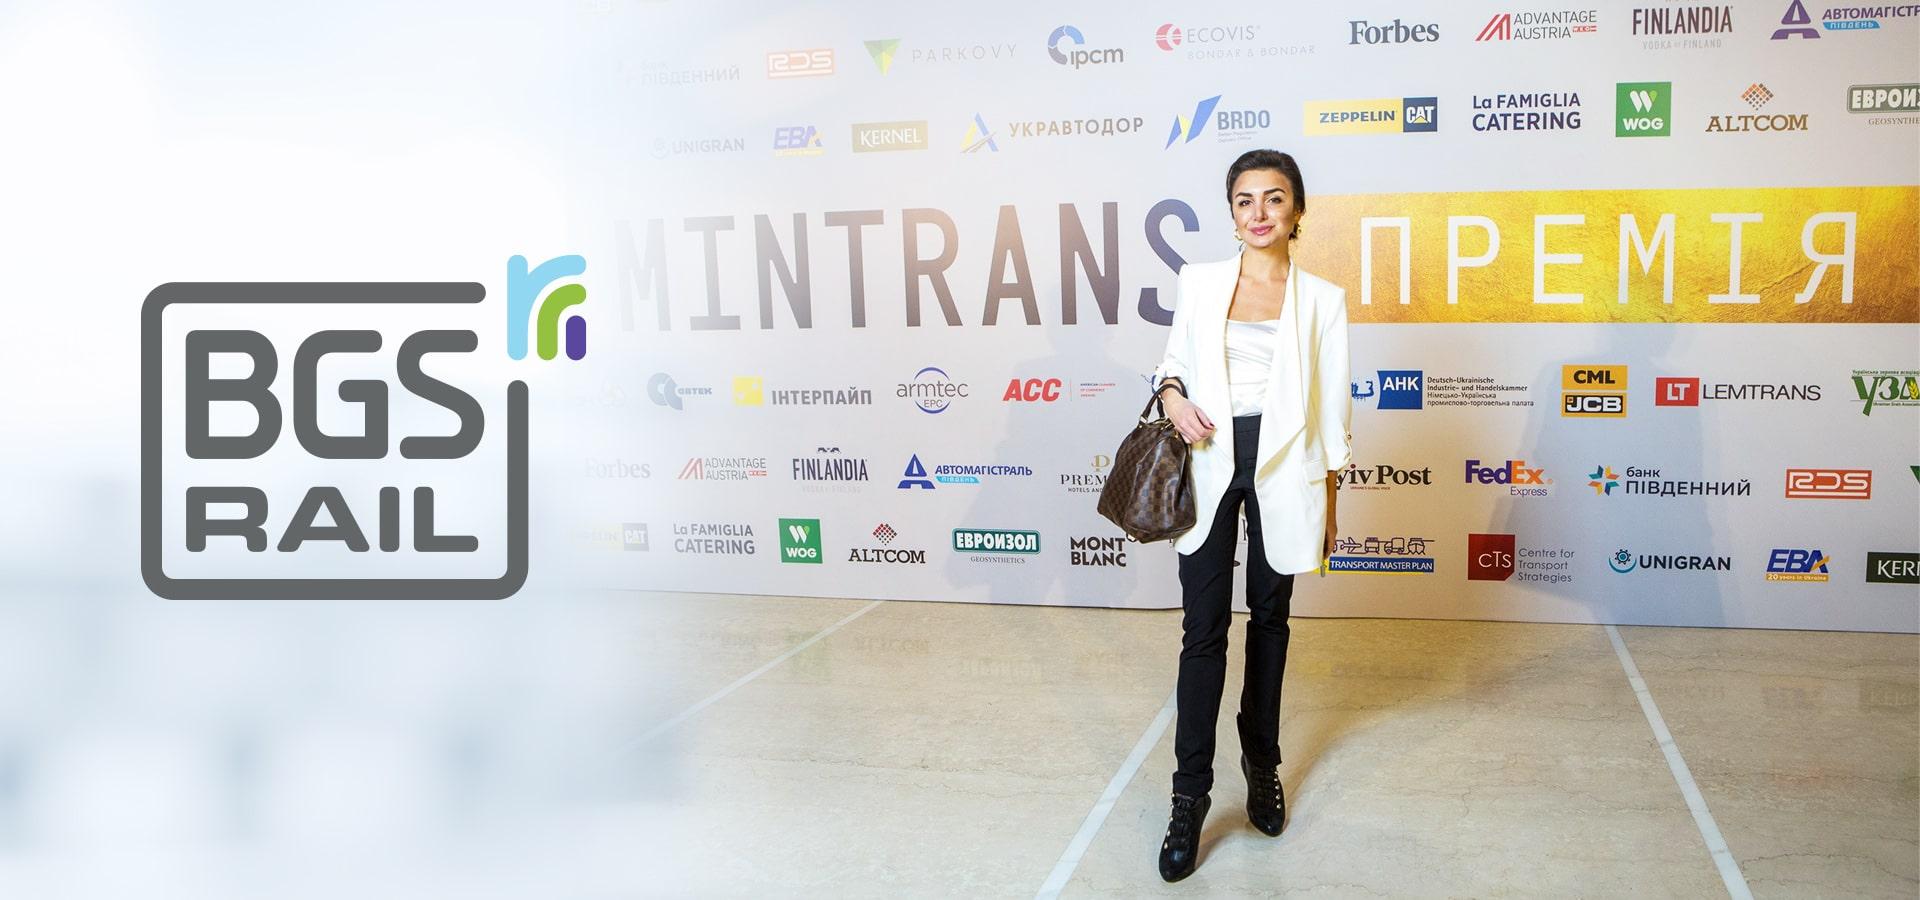 Представники компані BGS Rail взяли участь в міжнародному транспортному форумі MINTRANS